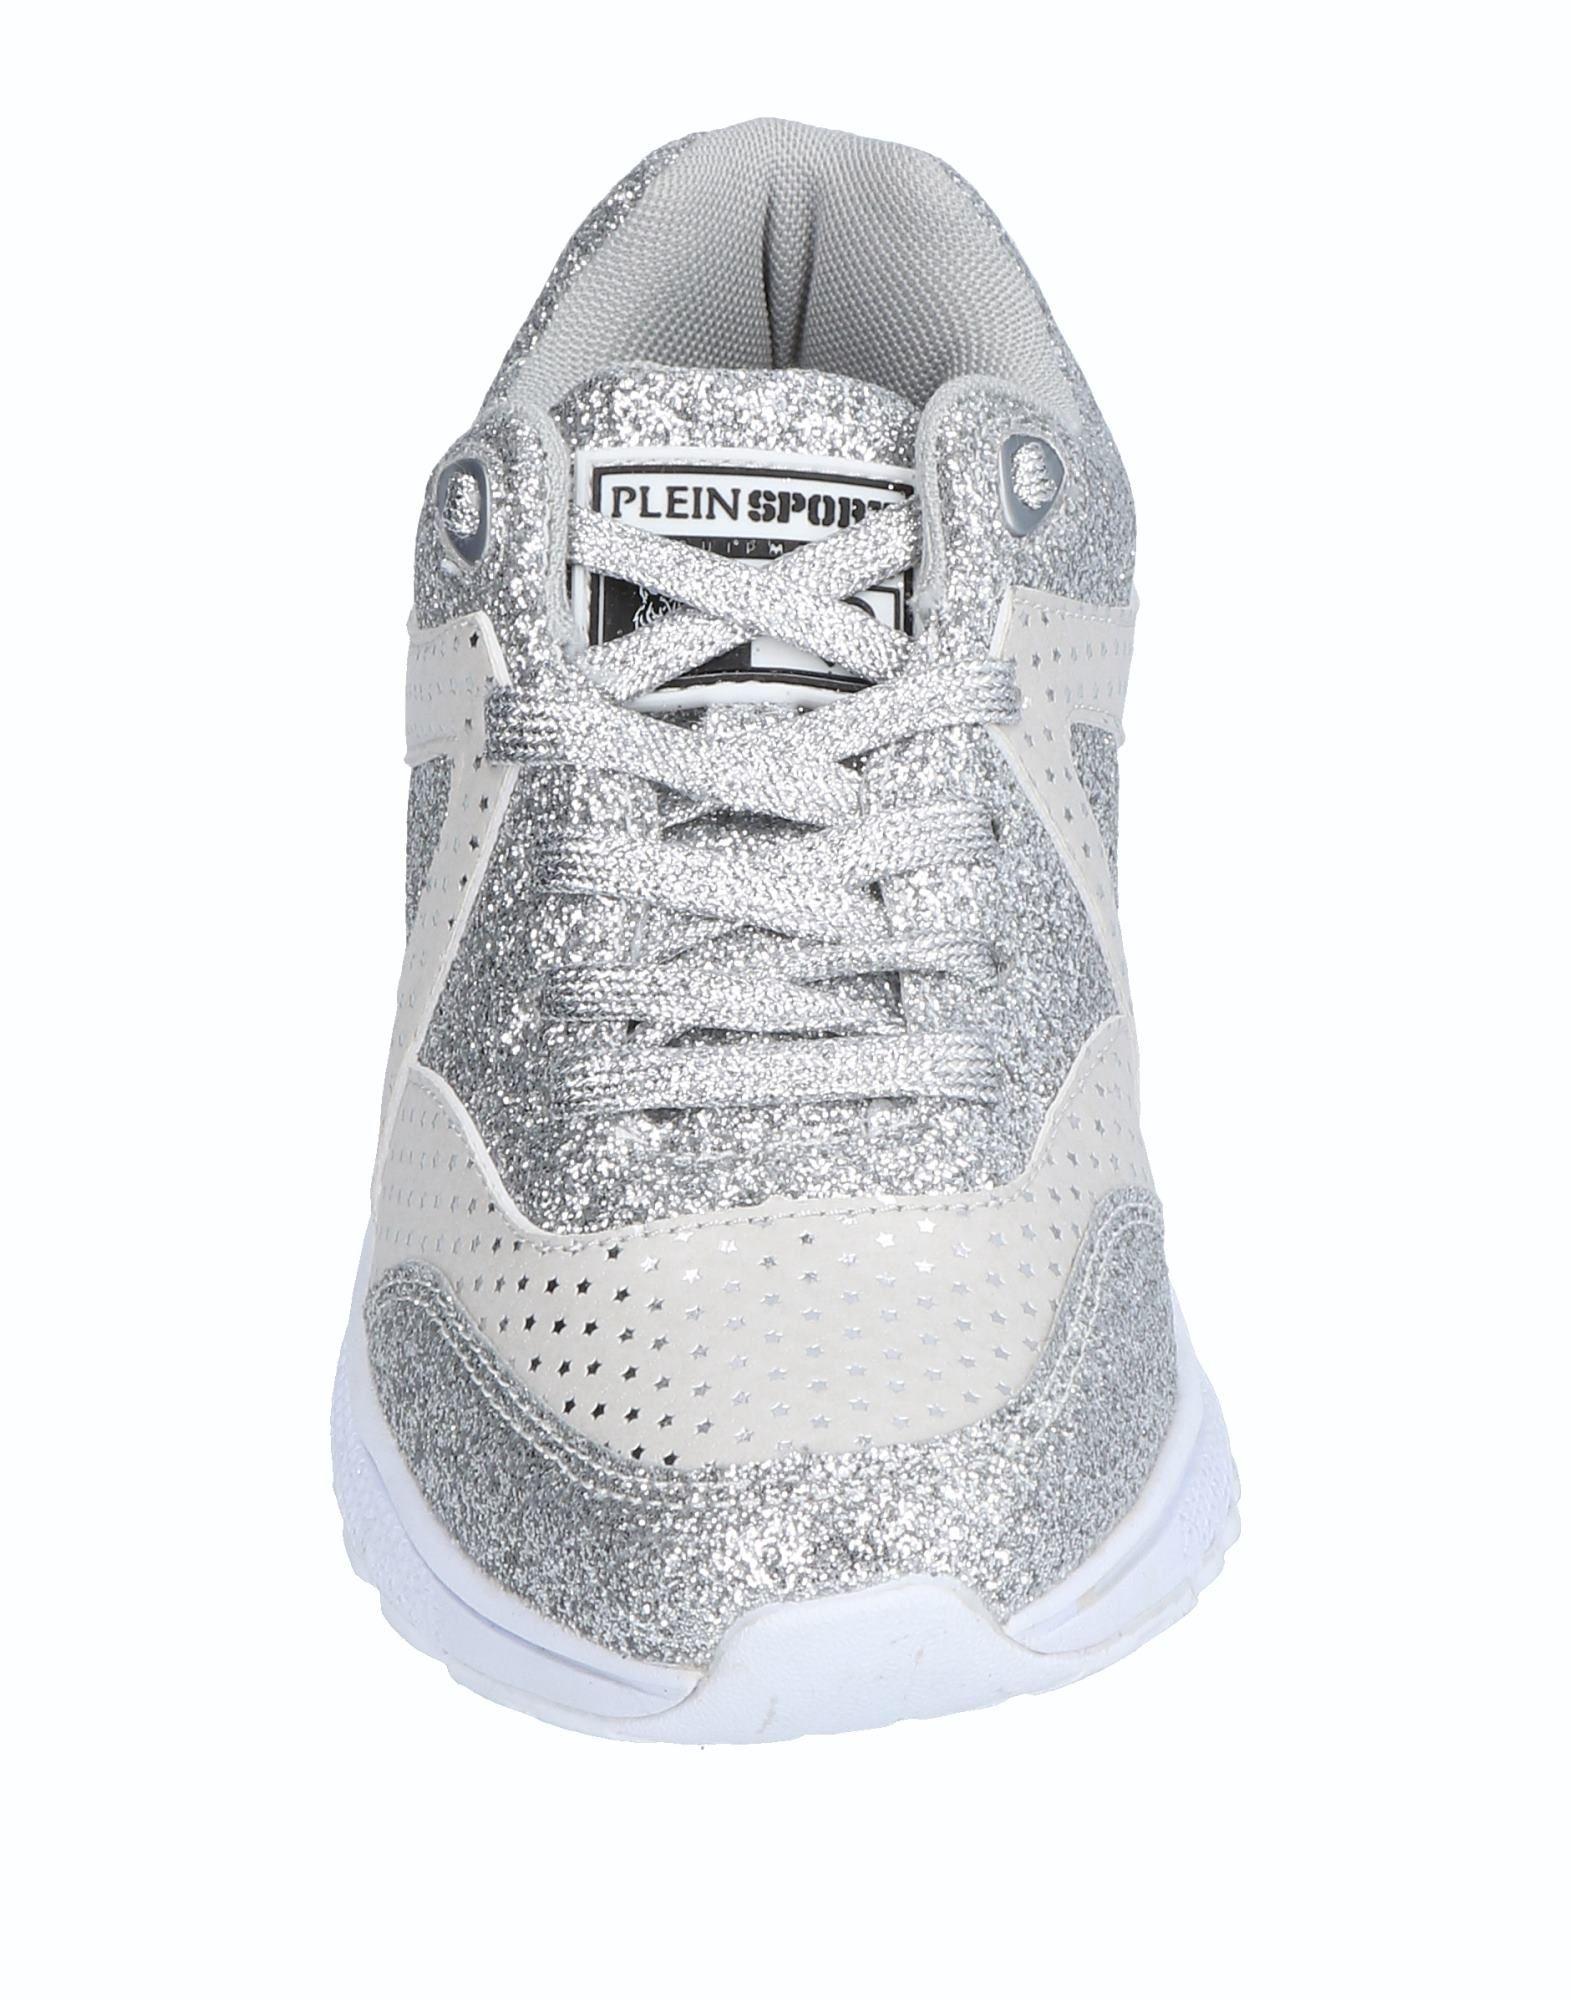 Plein Sport Gute Sneakers Damen  11508185WV Gute Sport Qualität beliebte Schuhe 99a49e